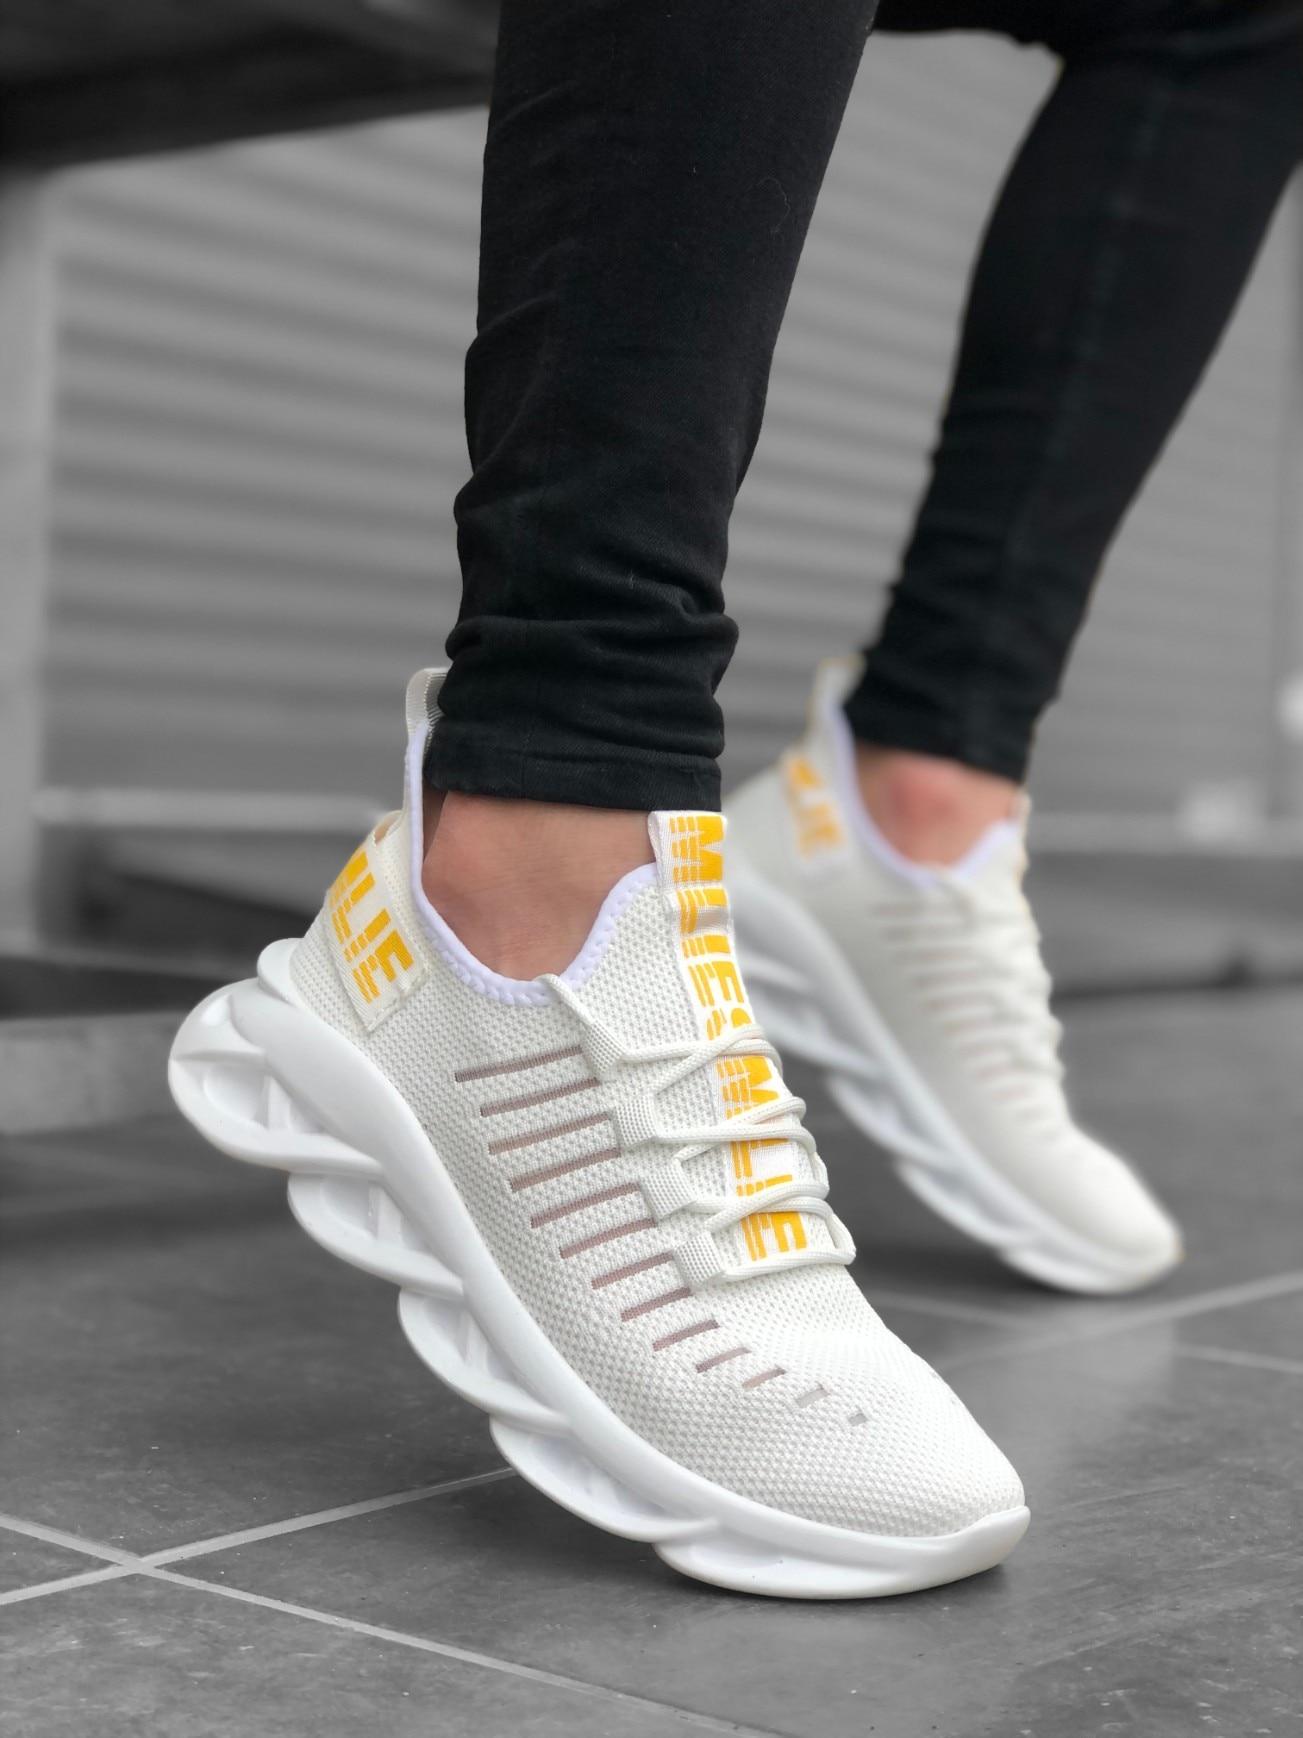 Babba BA0602 فانتوم عالية وحيد نمط أحذية رياضية كاجوال حذاء رجالي مريح تشغيل جلد شارع للجنسين في الهواء الطلق مرنة الركض